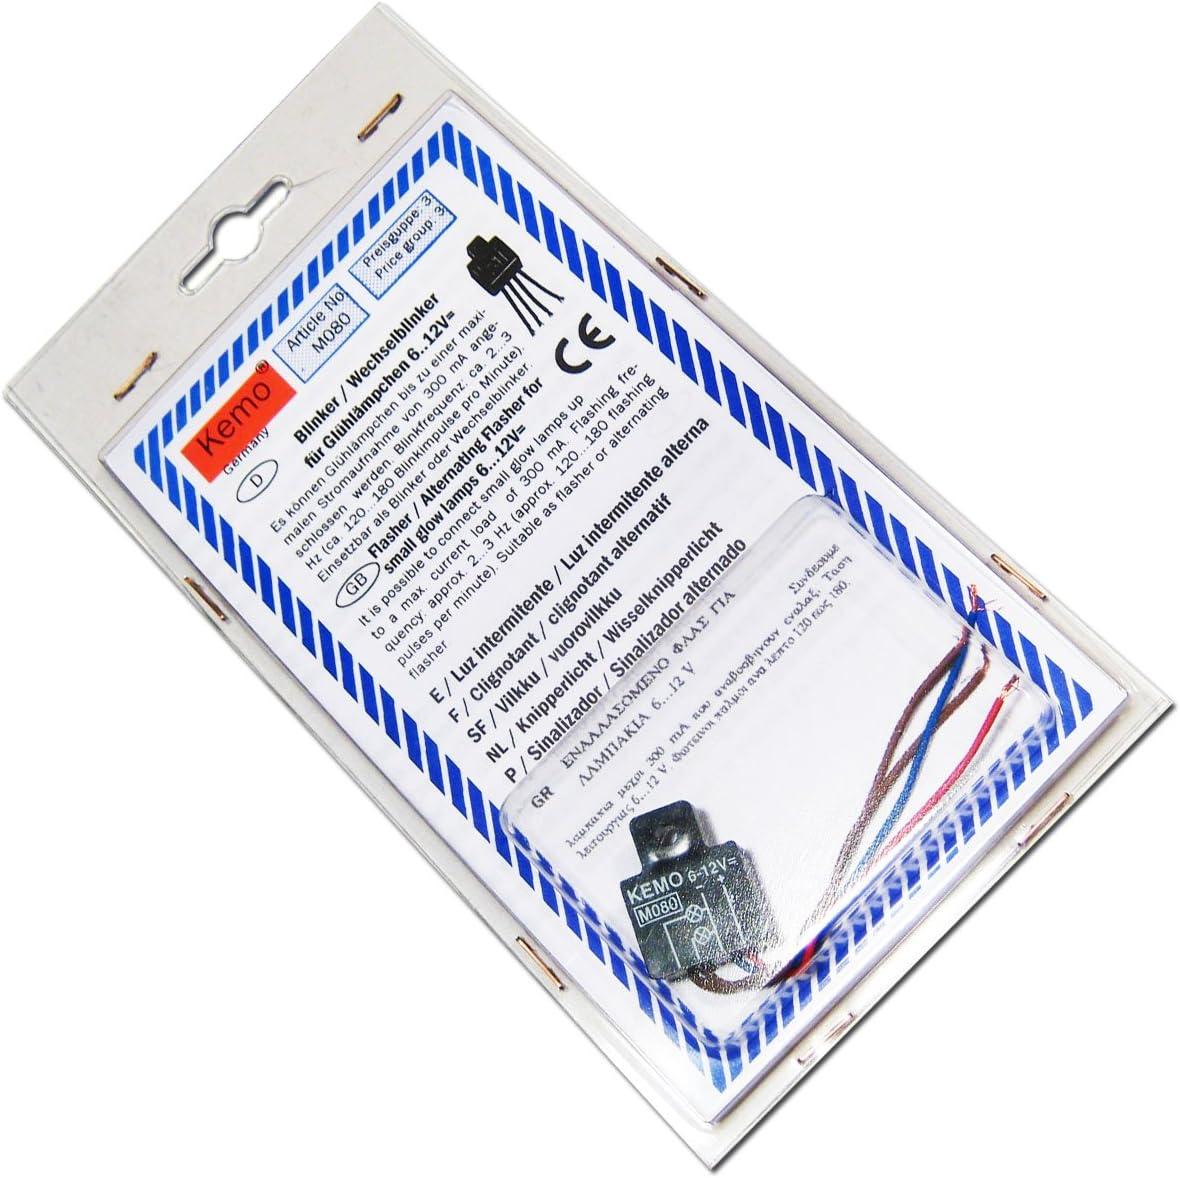 Blinker Wechselblinker Für Lämpchen 6 12v Dc Kamera